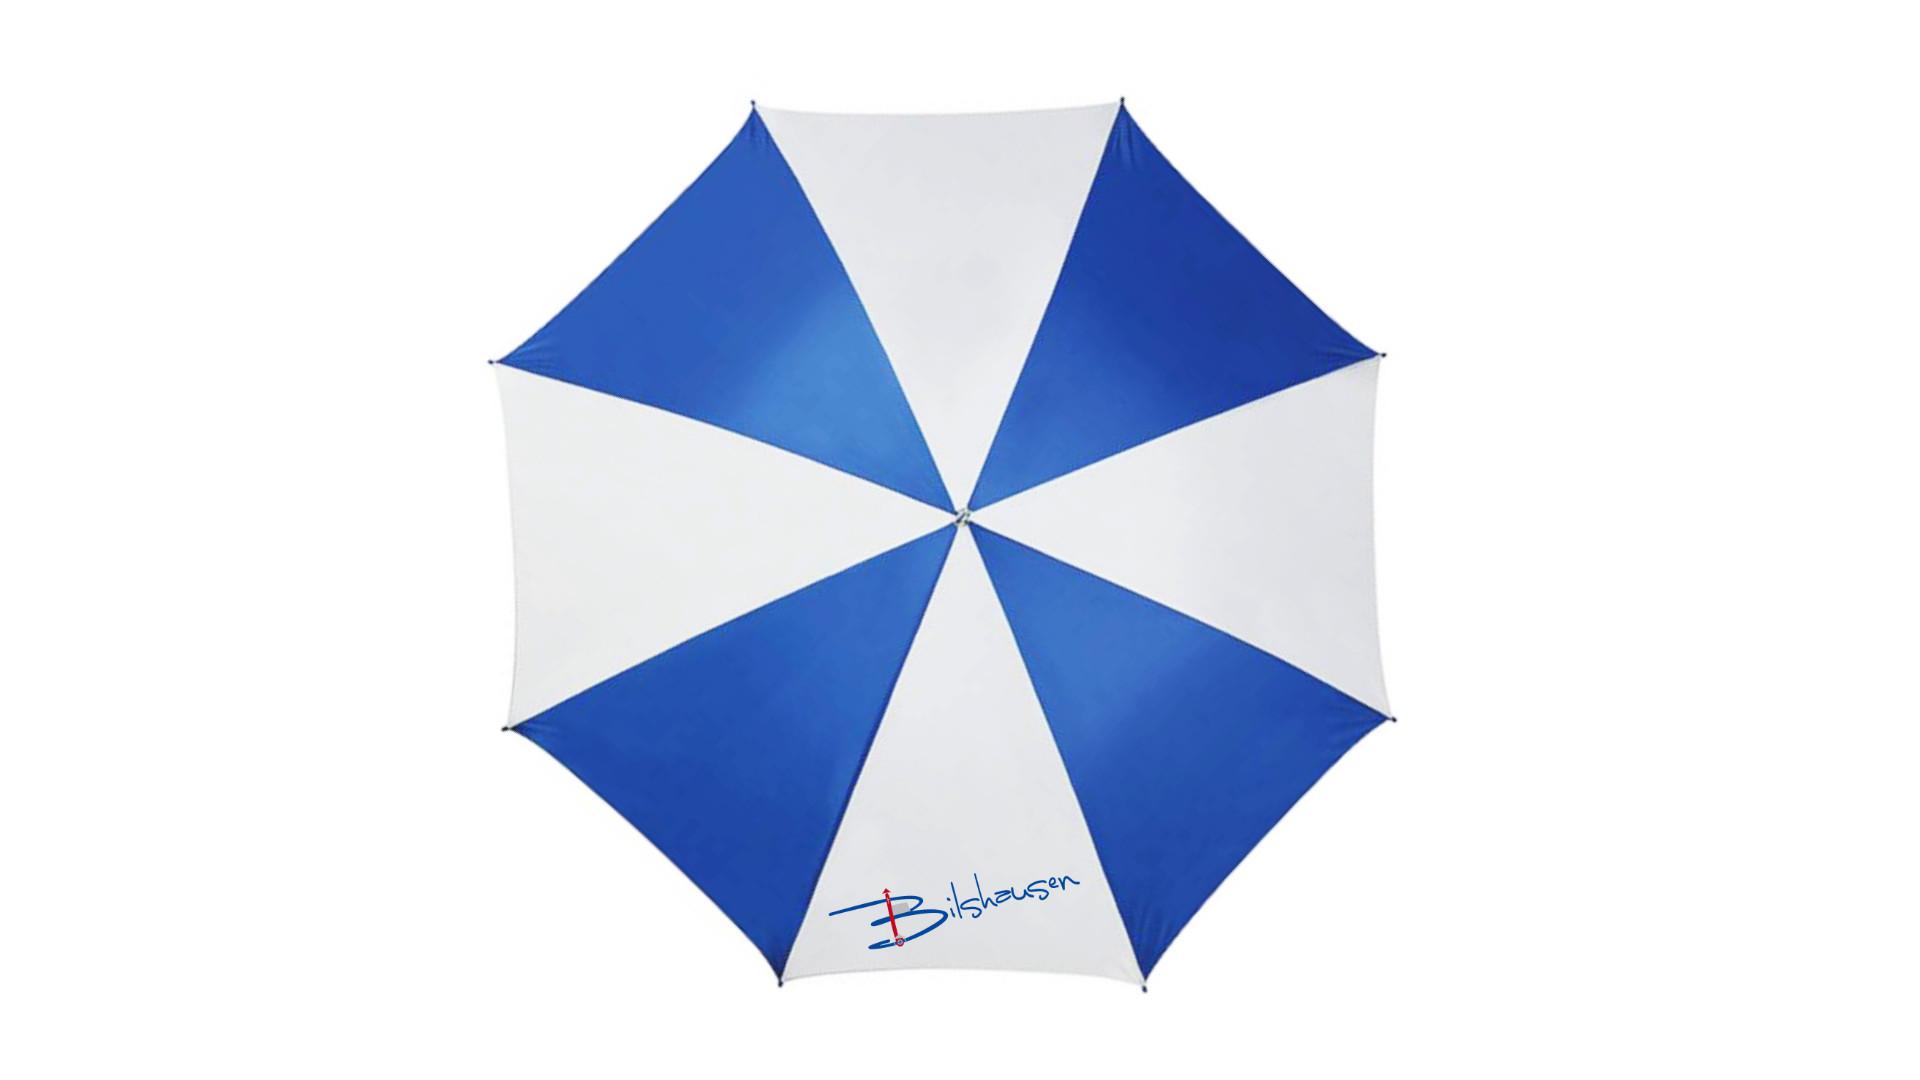 Regenschirm der Gemeinde Bilshausen. Ab sofort im Gemeindebüro käuflich zu erwerben.